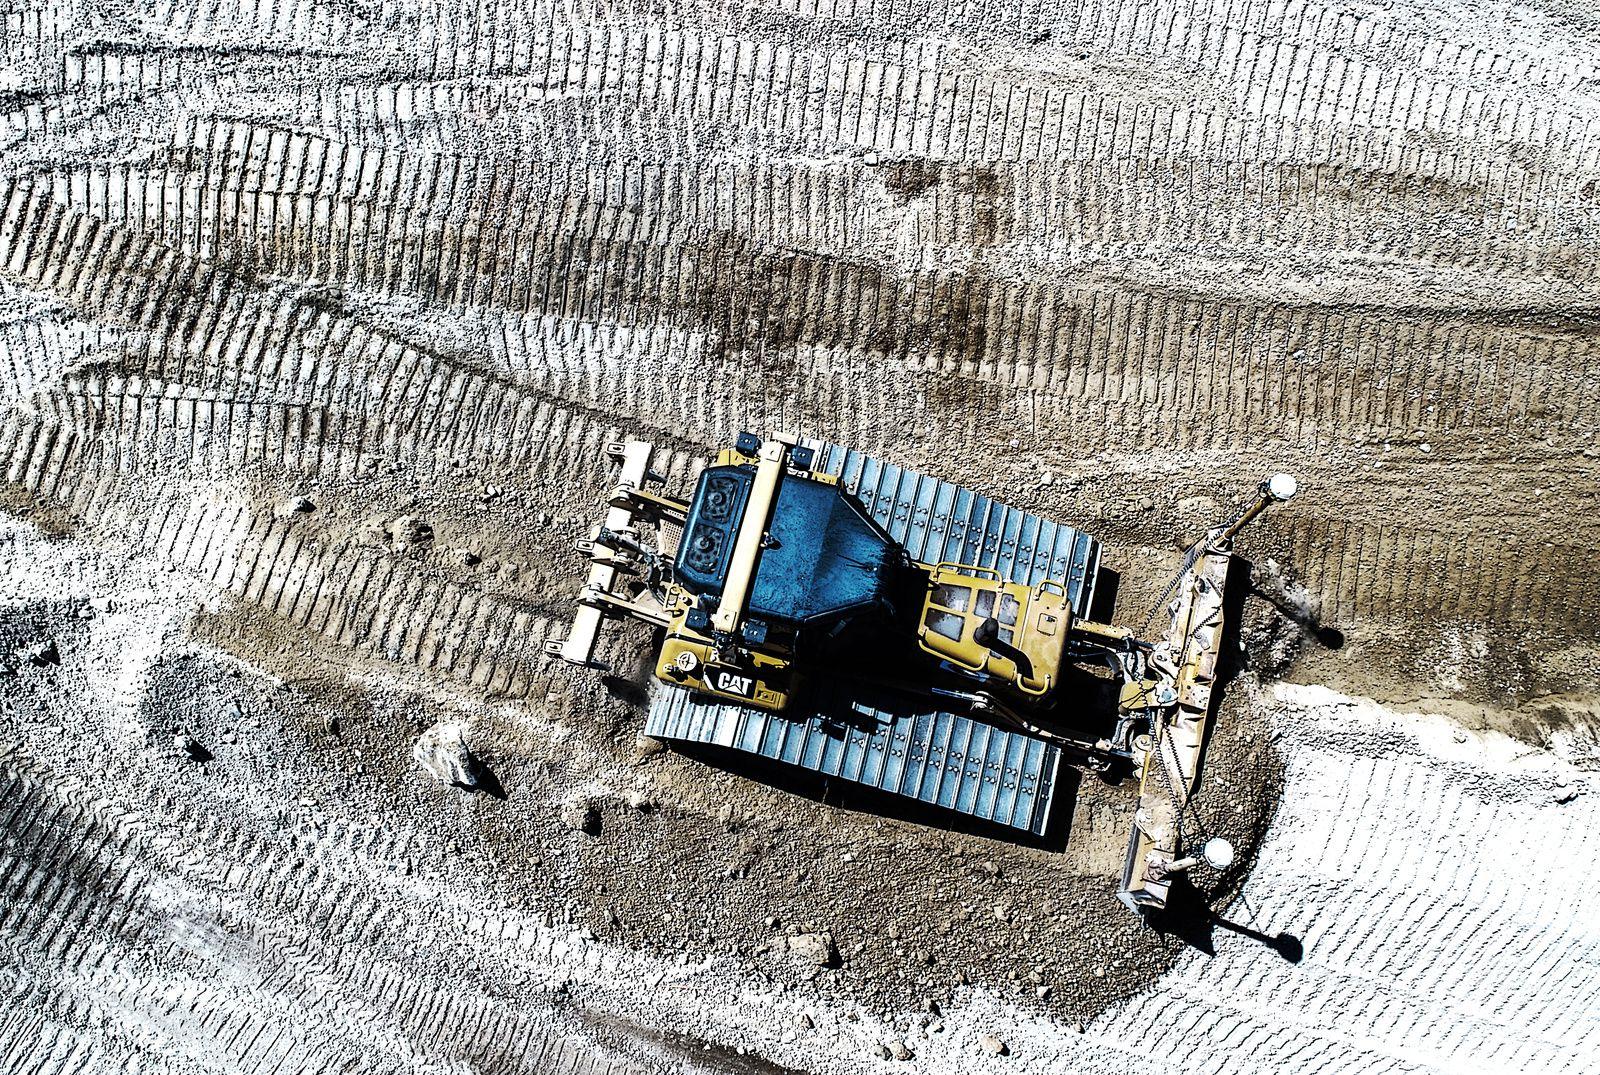 Un engin de terrassement en action sur chantier à Tourlaville. Photo aérienne François Monier, juin 2017